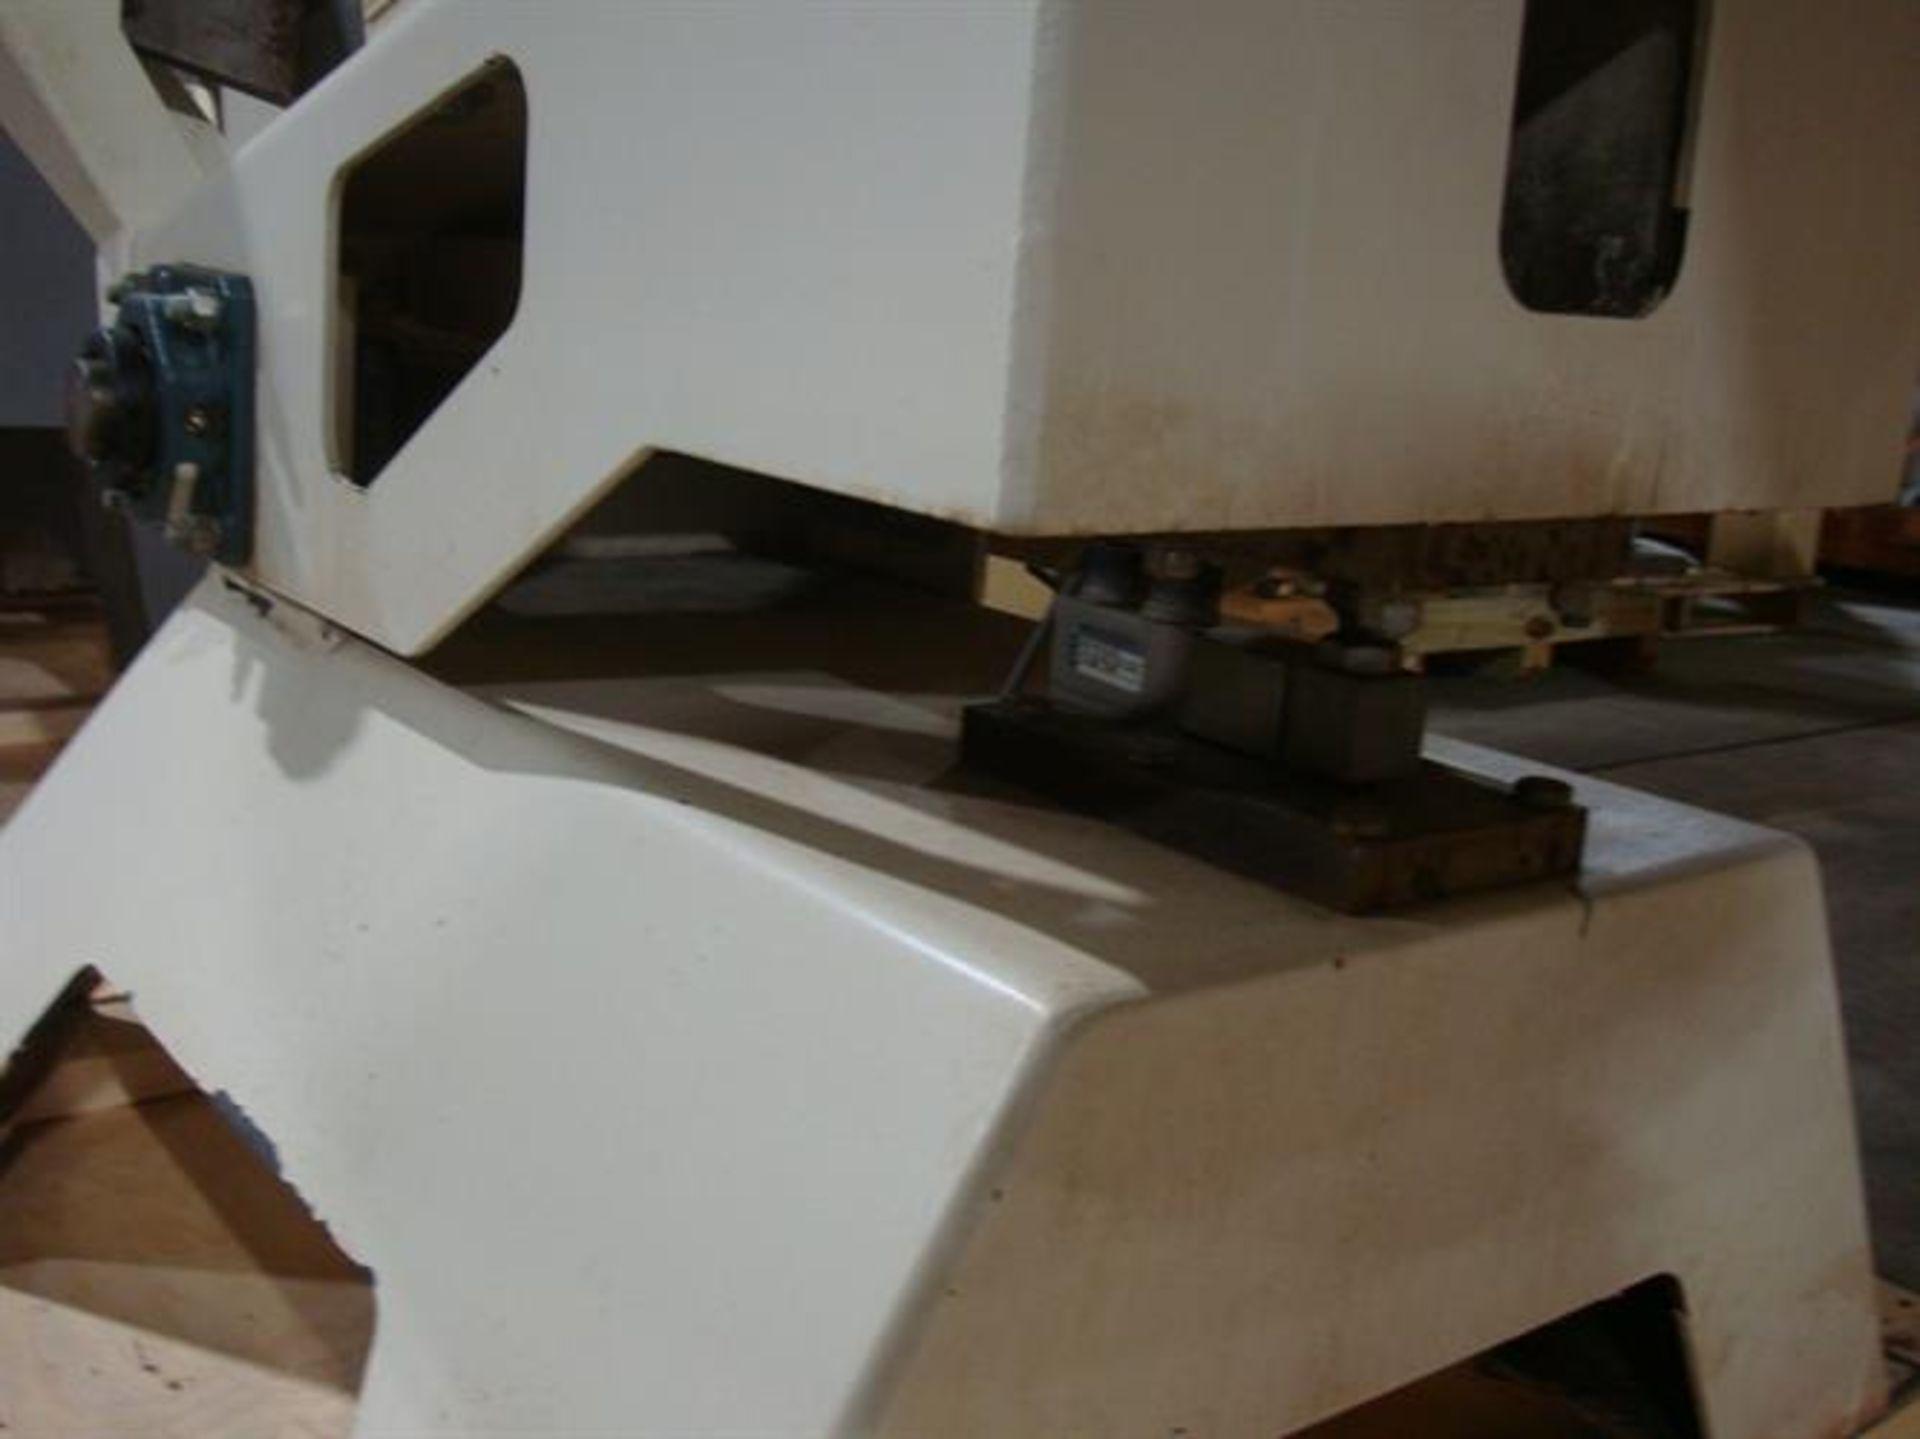 """Coating Pan 52"""" Diameter Stainless Steel Polishing Pan - 52"""" diameter - Plastic ribs screwed in from - Image 2 of 4"""